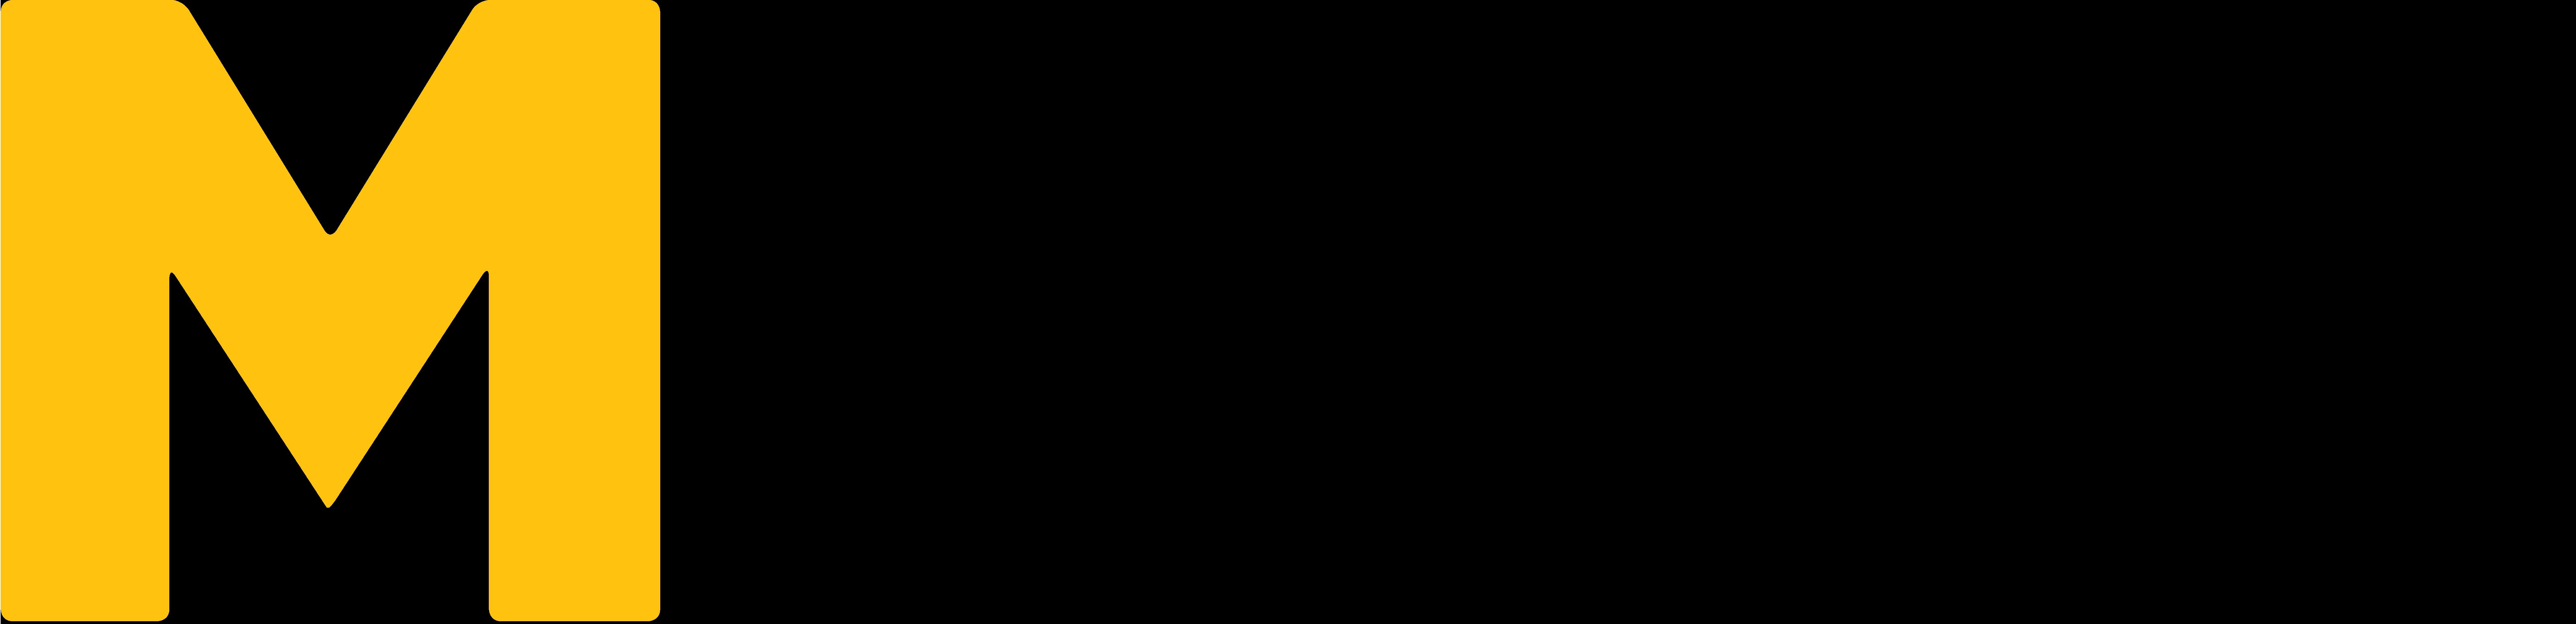 MU-service logo